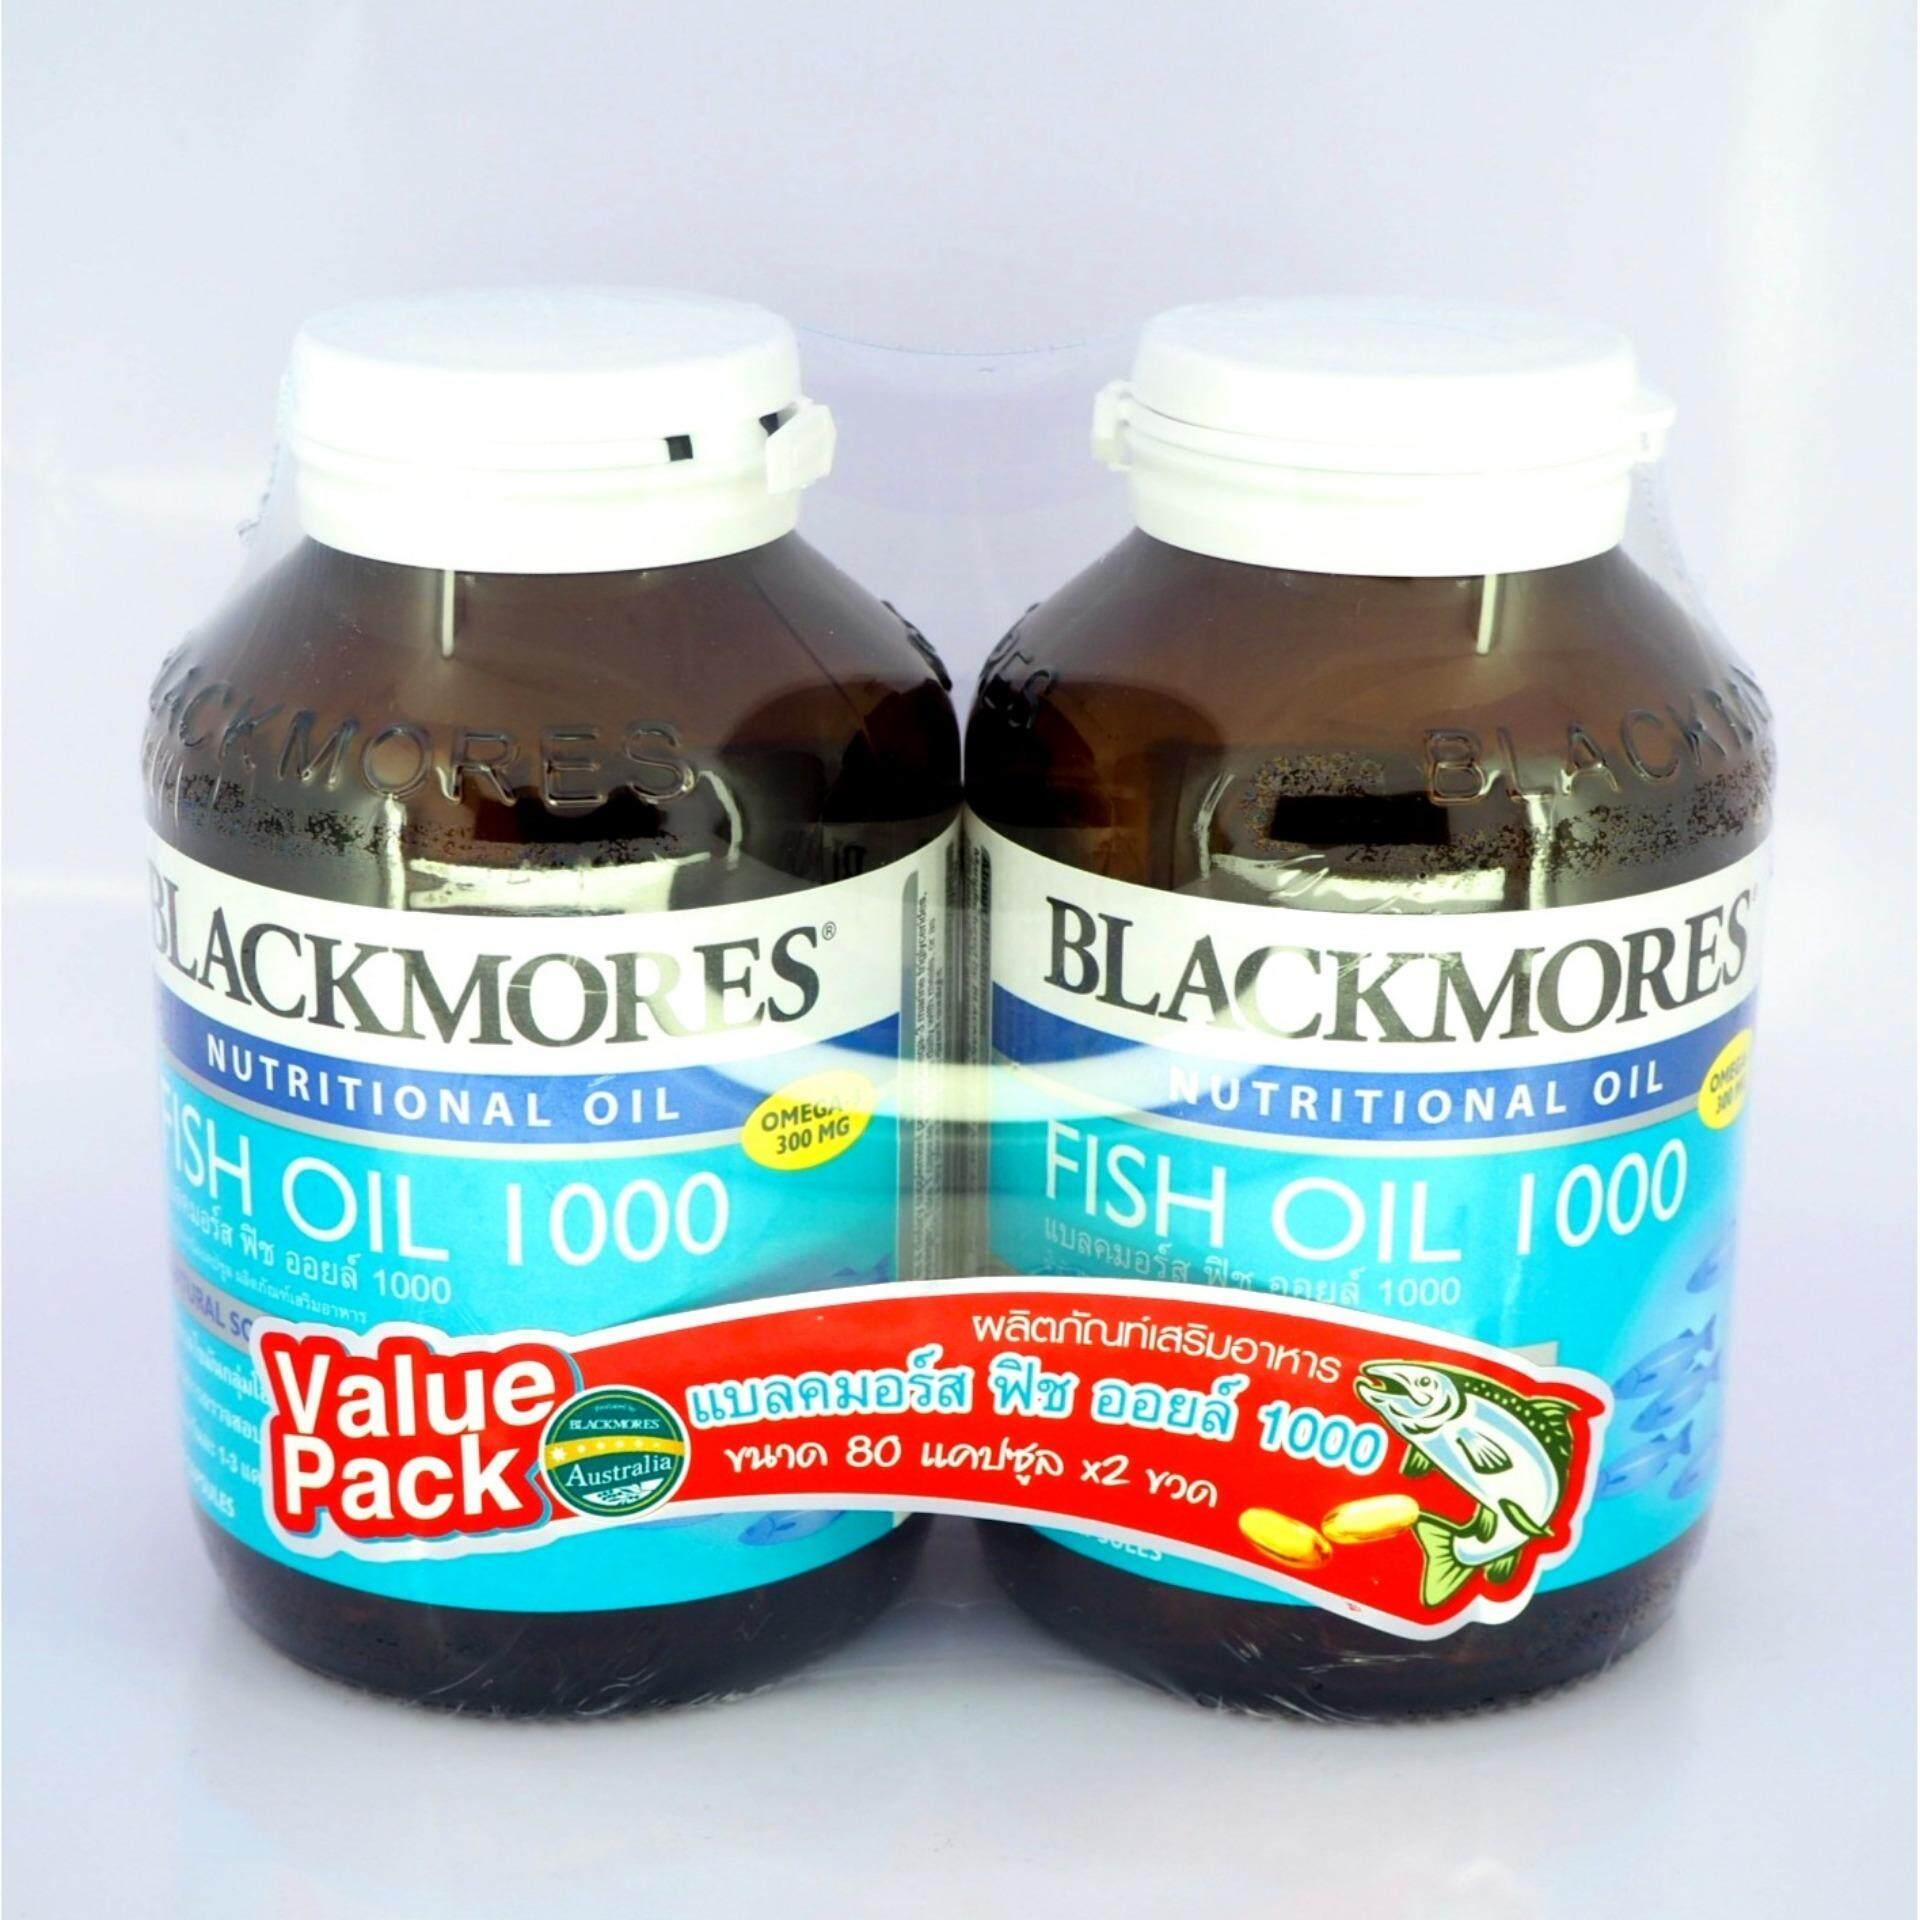 ยี่ห้อไหนดี  ระนอง Blackmores Fish Oil 1000 (80 แคปซูล) Packคู่ สุดคุ้ม!! แบลคมอร์ส ฟิช ออยล์ 1000 (80 แคปซูล)